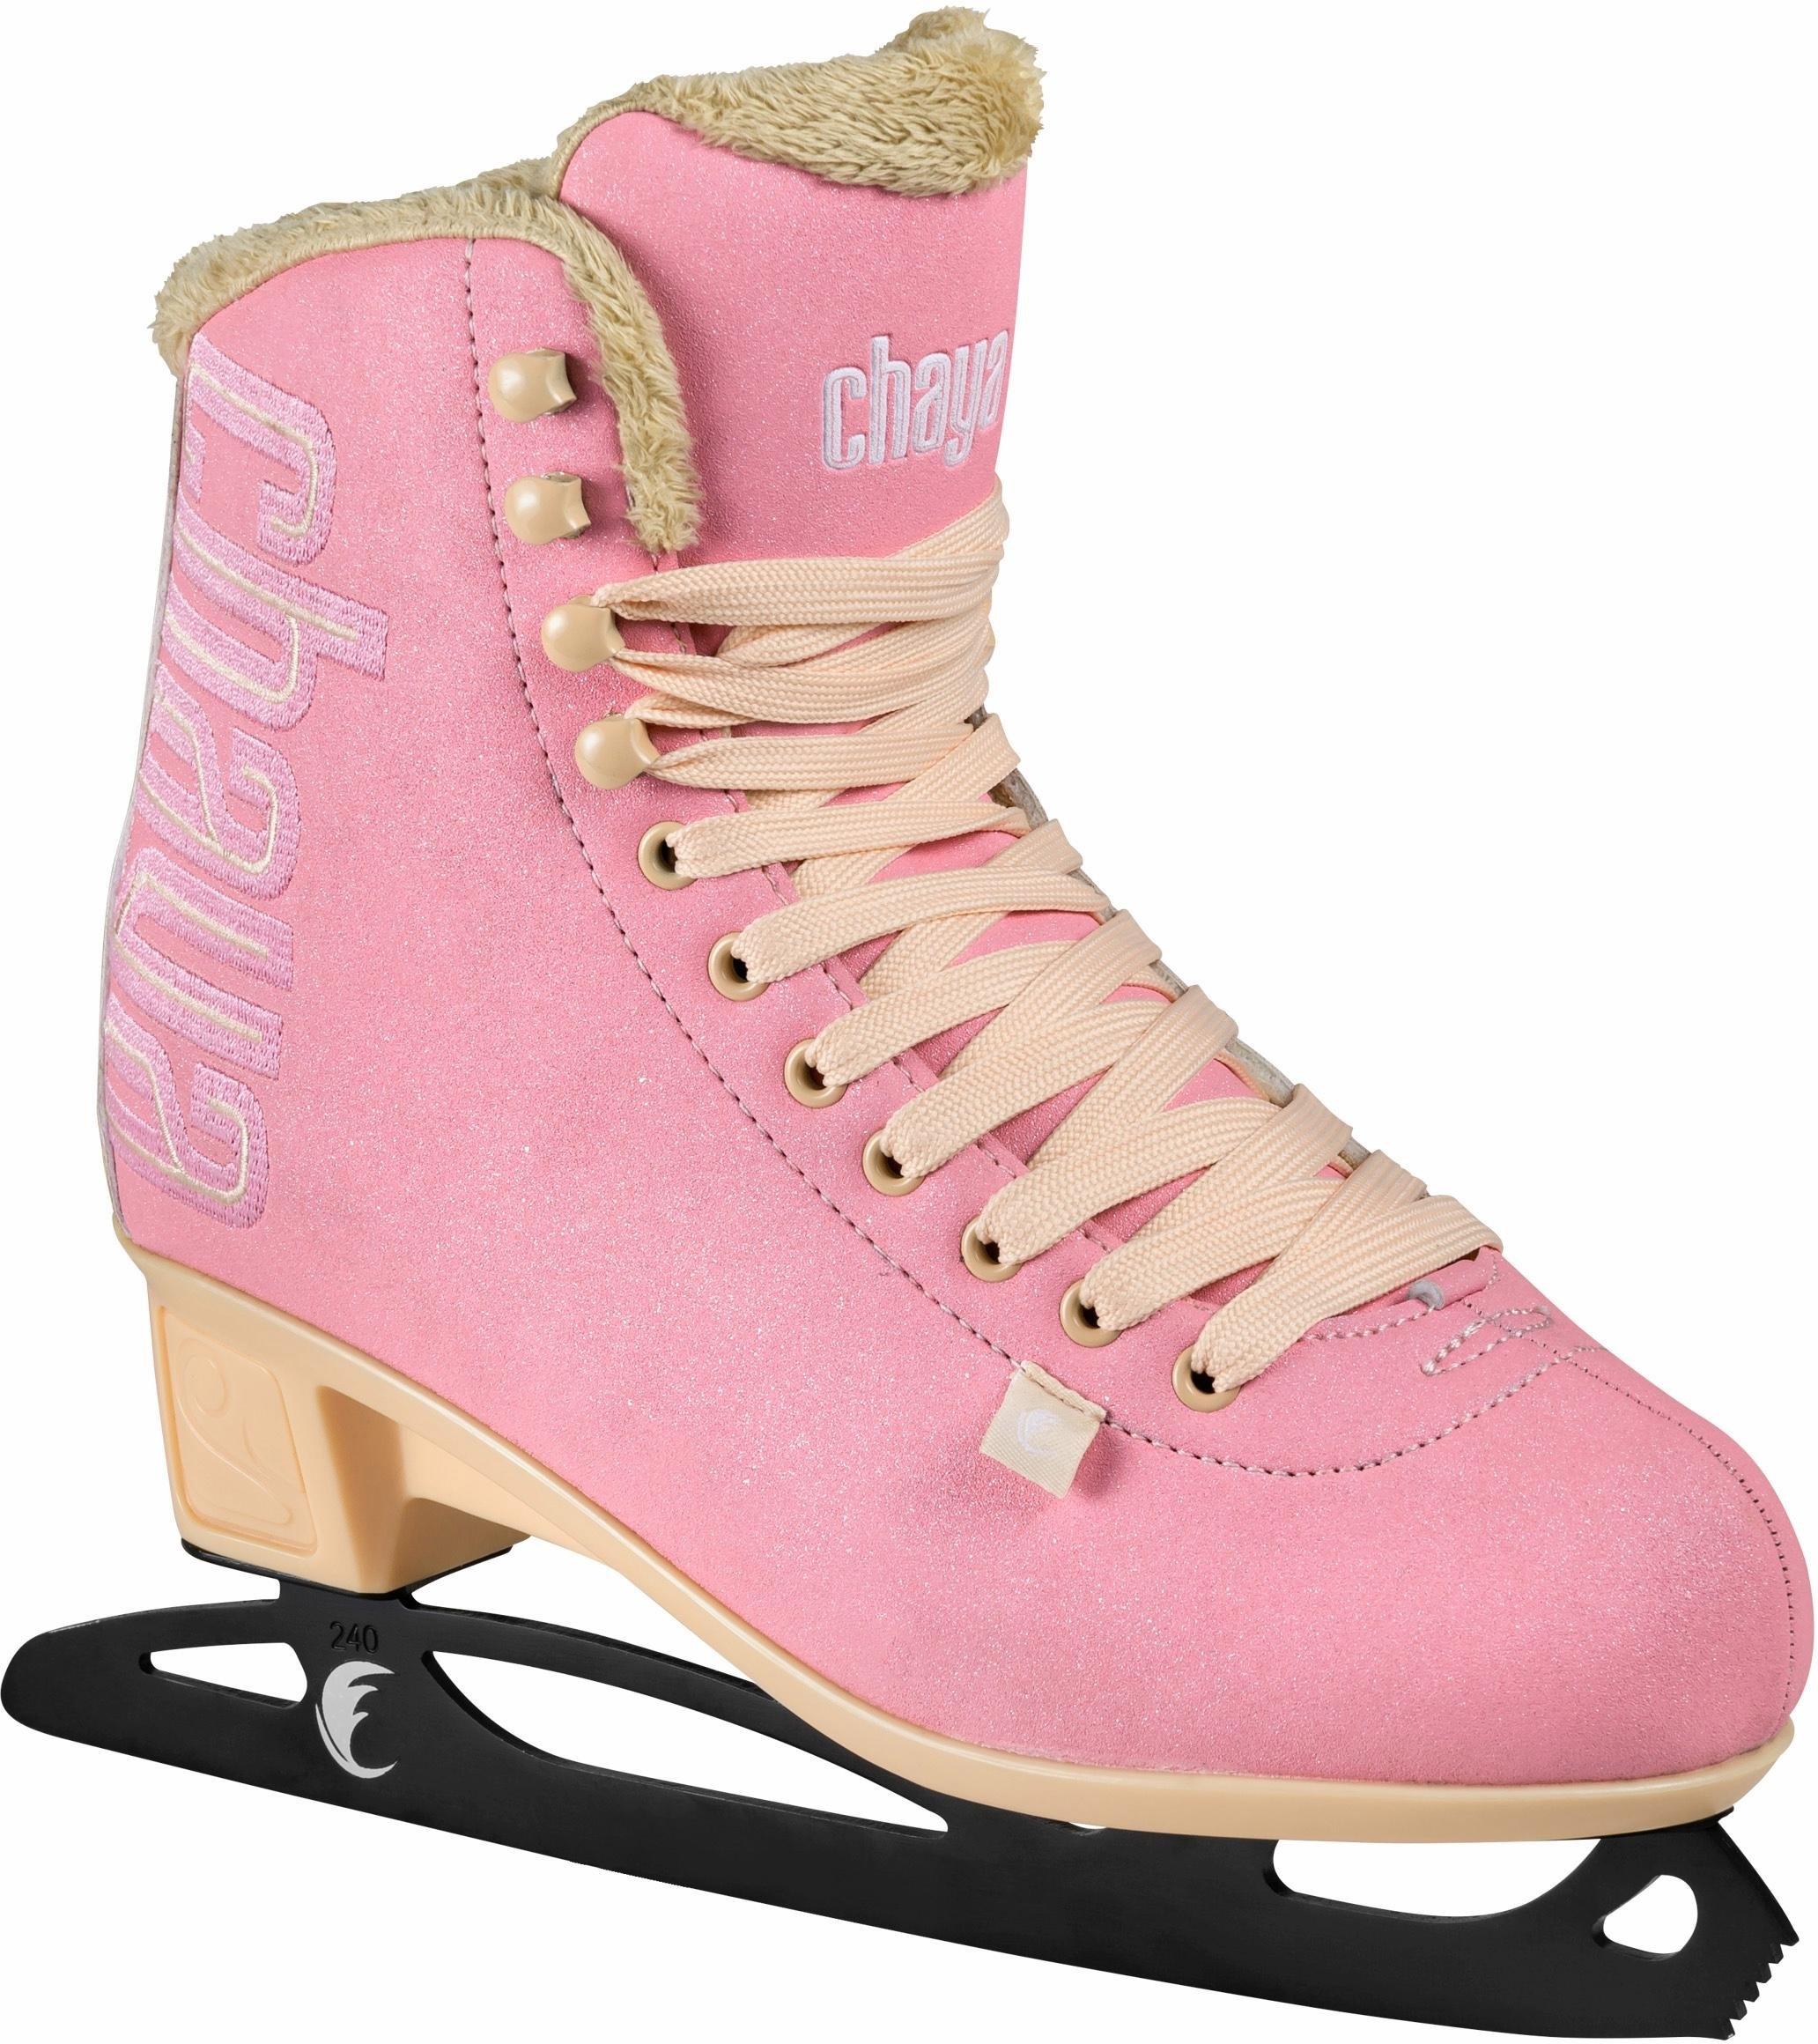 fefba317cf2 Chaya schaatsen, dames, roze, »Bubble Gum« snel gevonden | OTTO